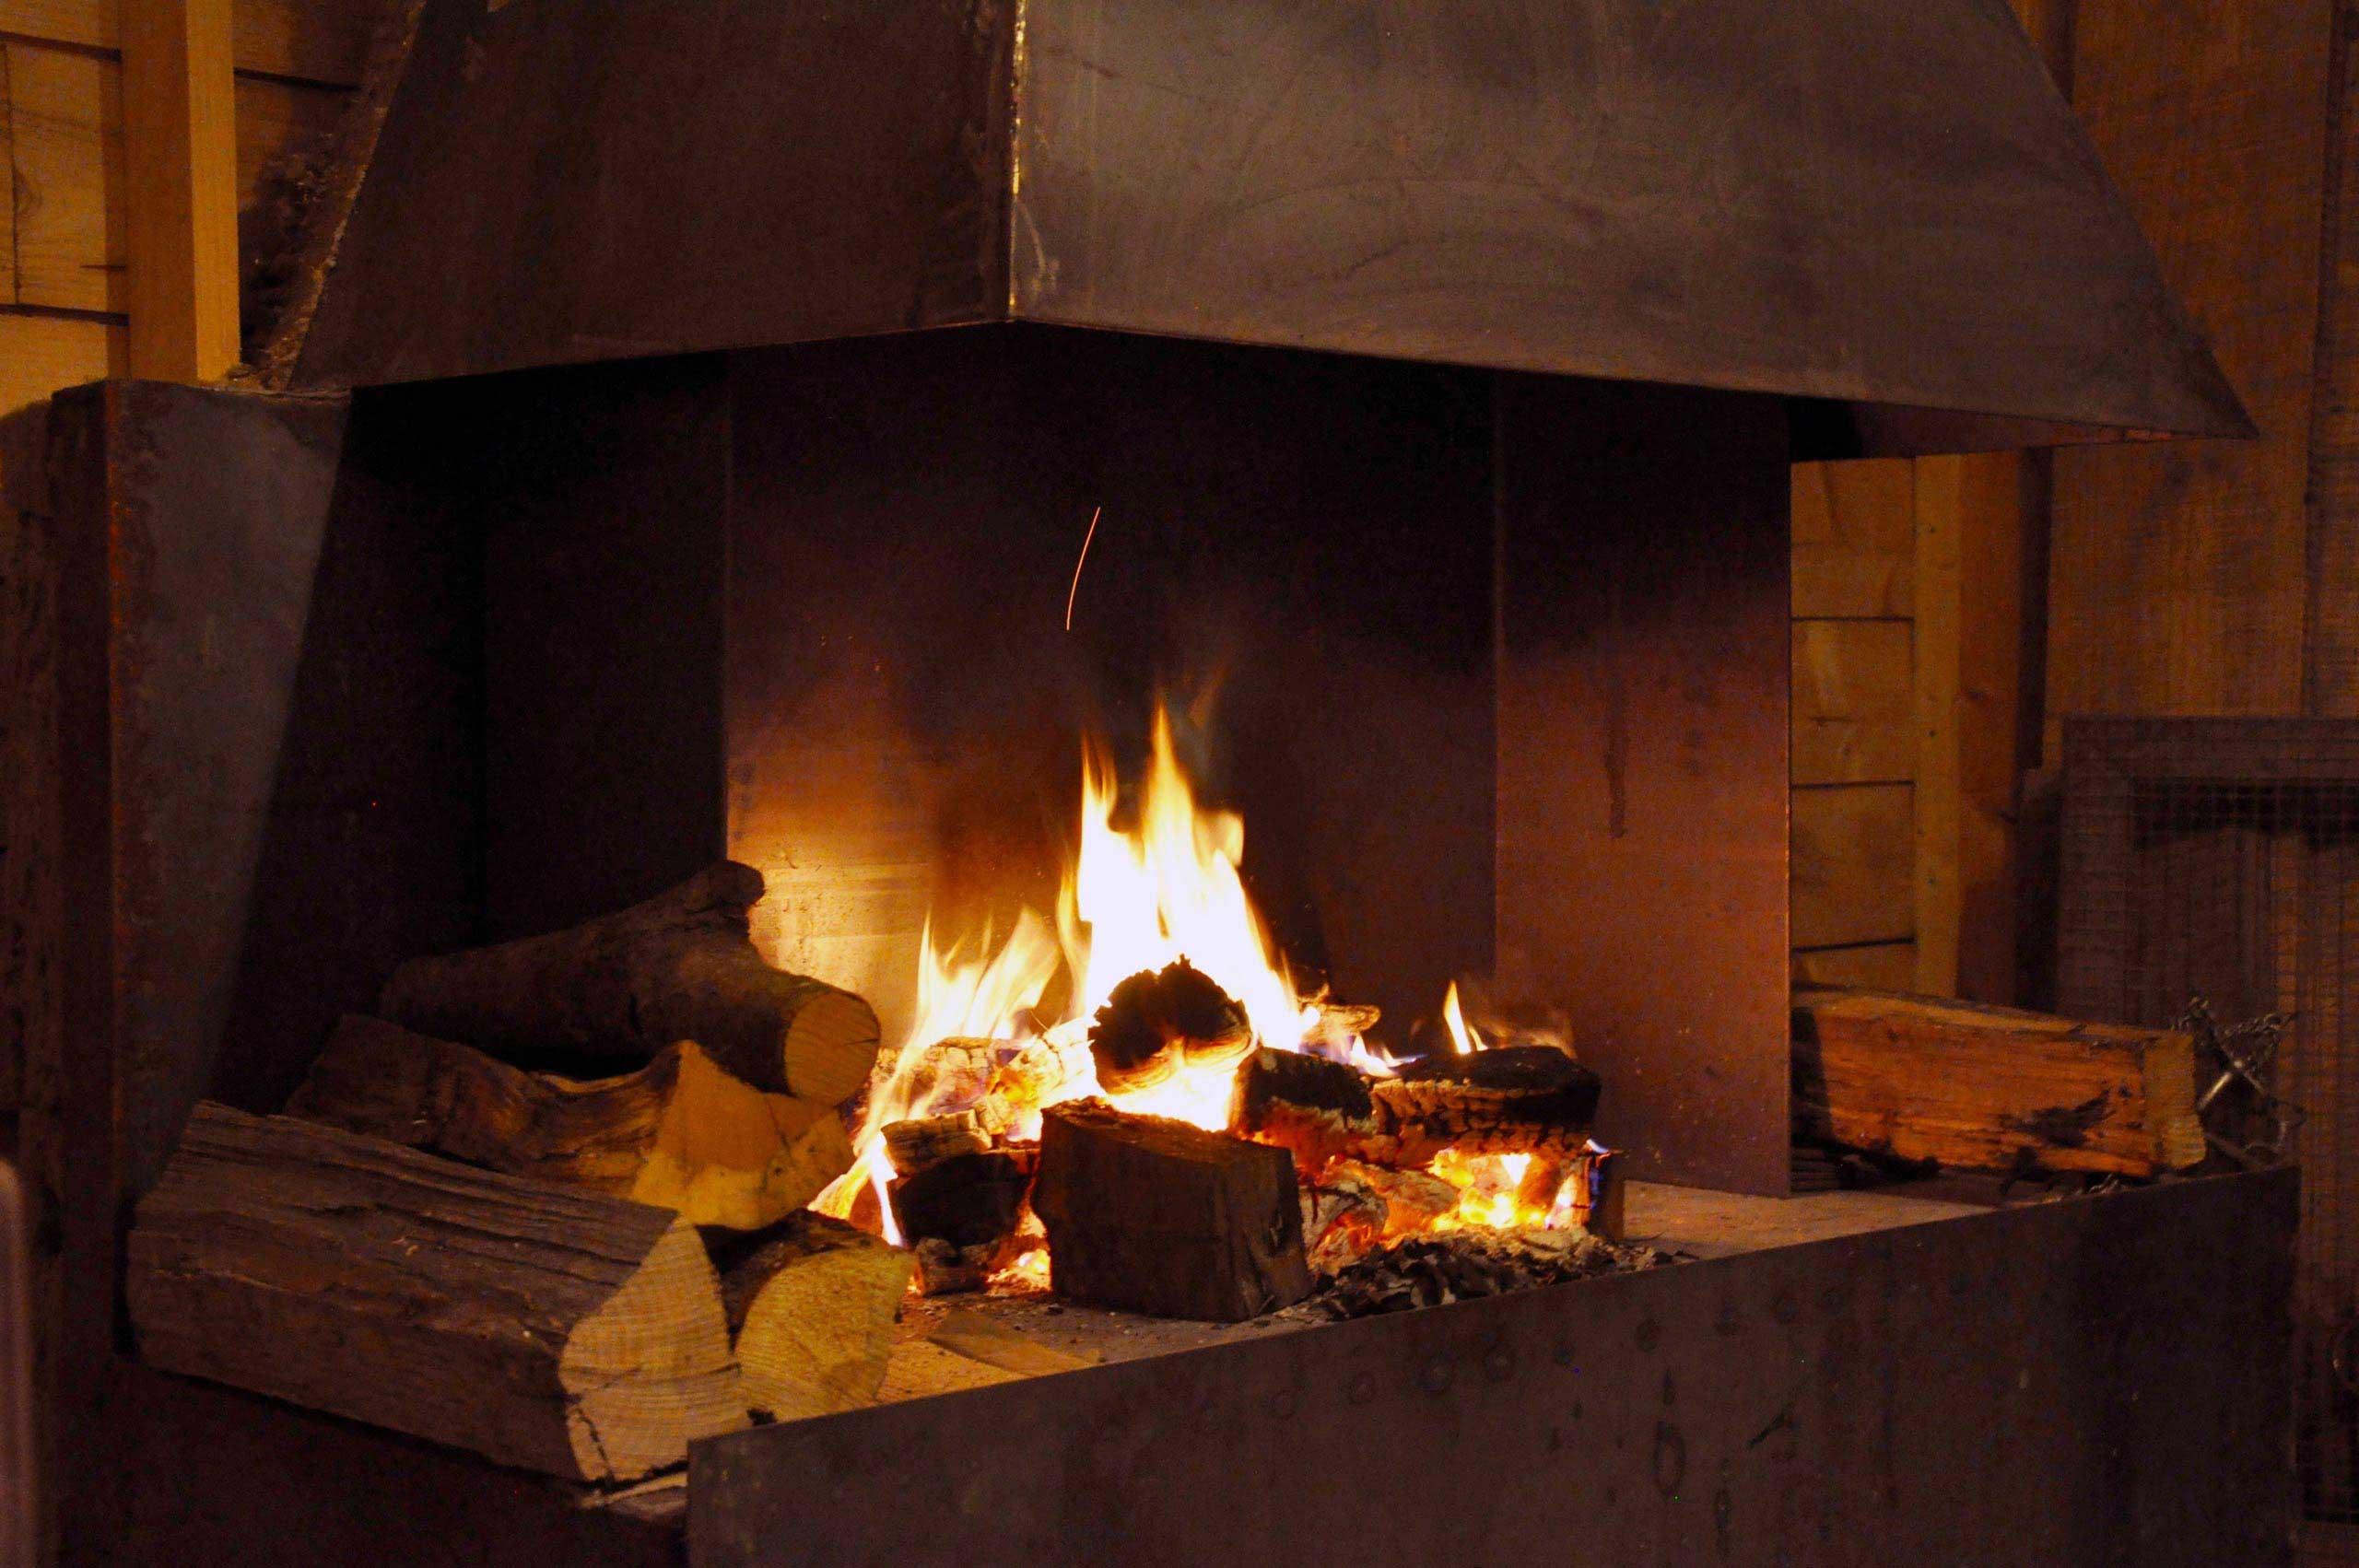 houten vuur pizza in de pool house van onze vakantie villa in de Pyreneeën